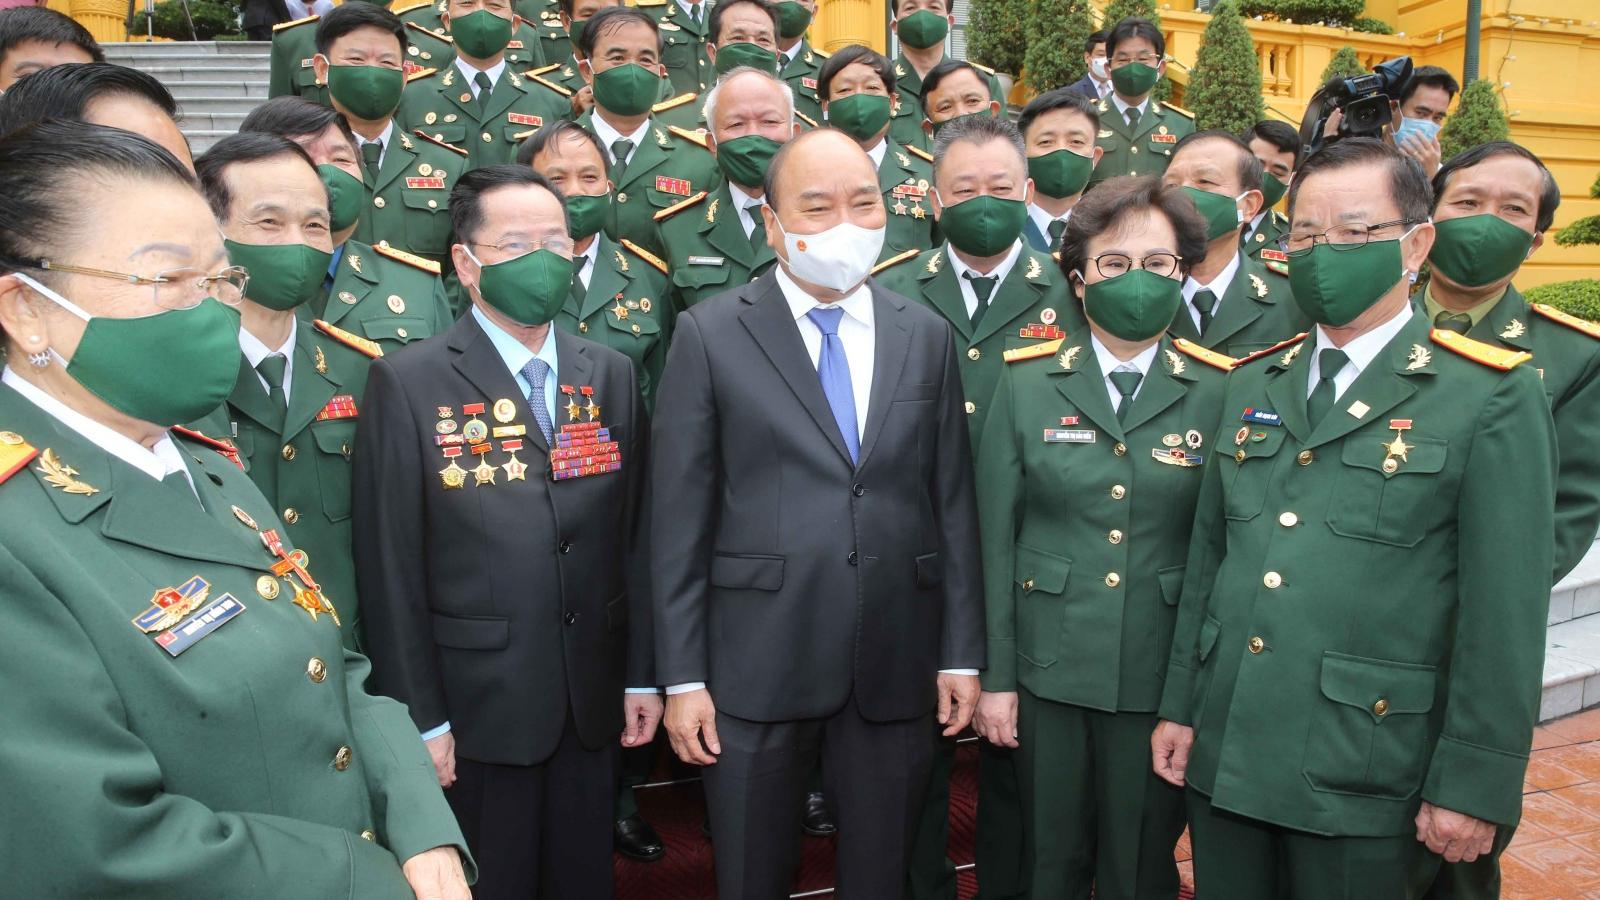 Chủ tịch nước: Doanh nhân cựu chiến binh đã phát huy phẩm chất cao đẹp của Bộ đội Cụ Hồ